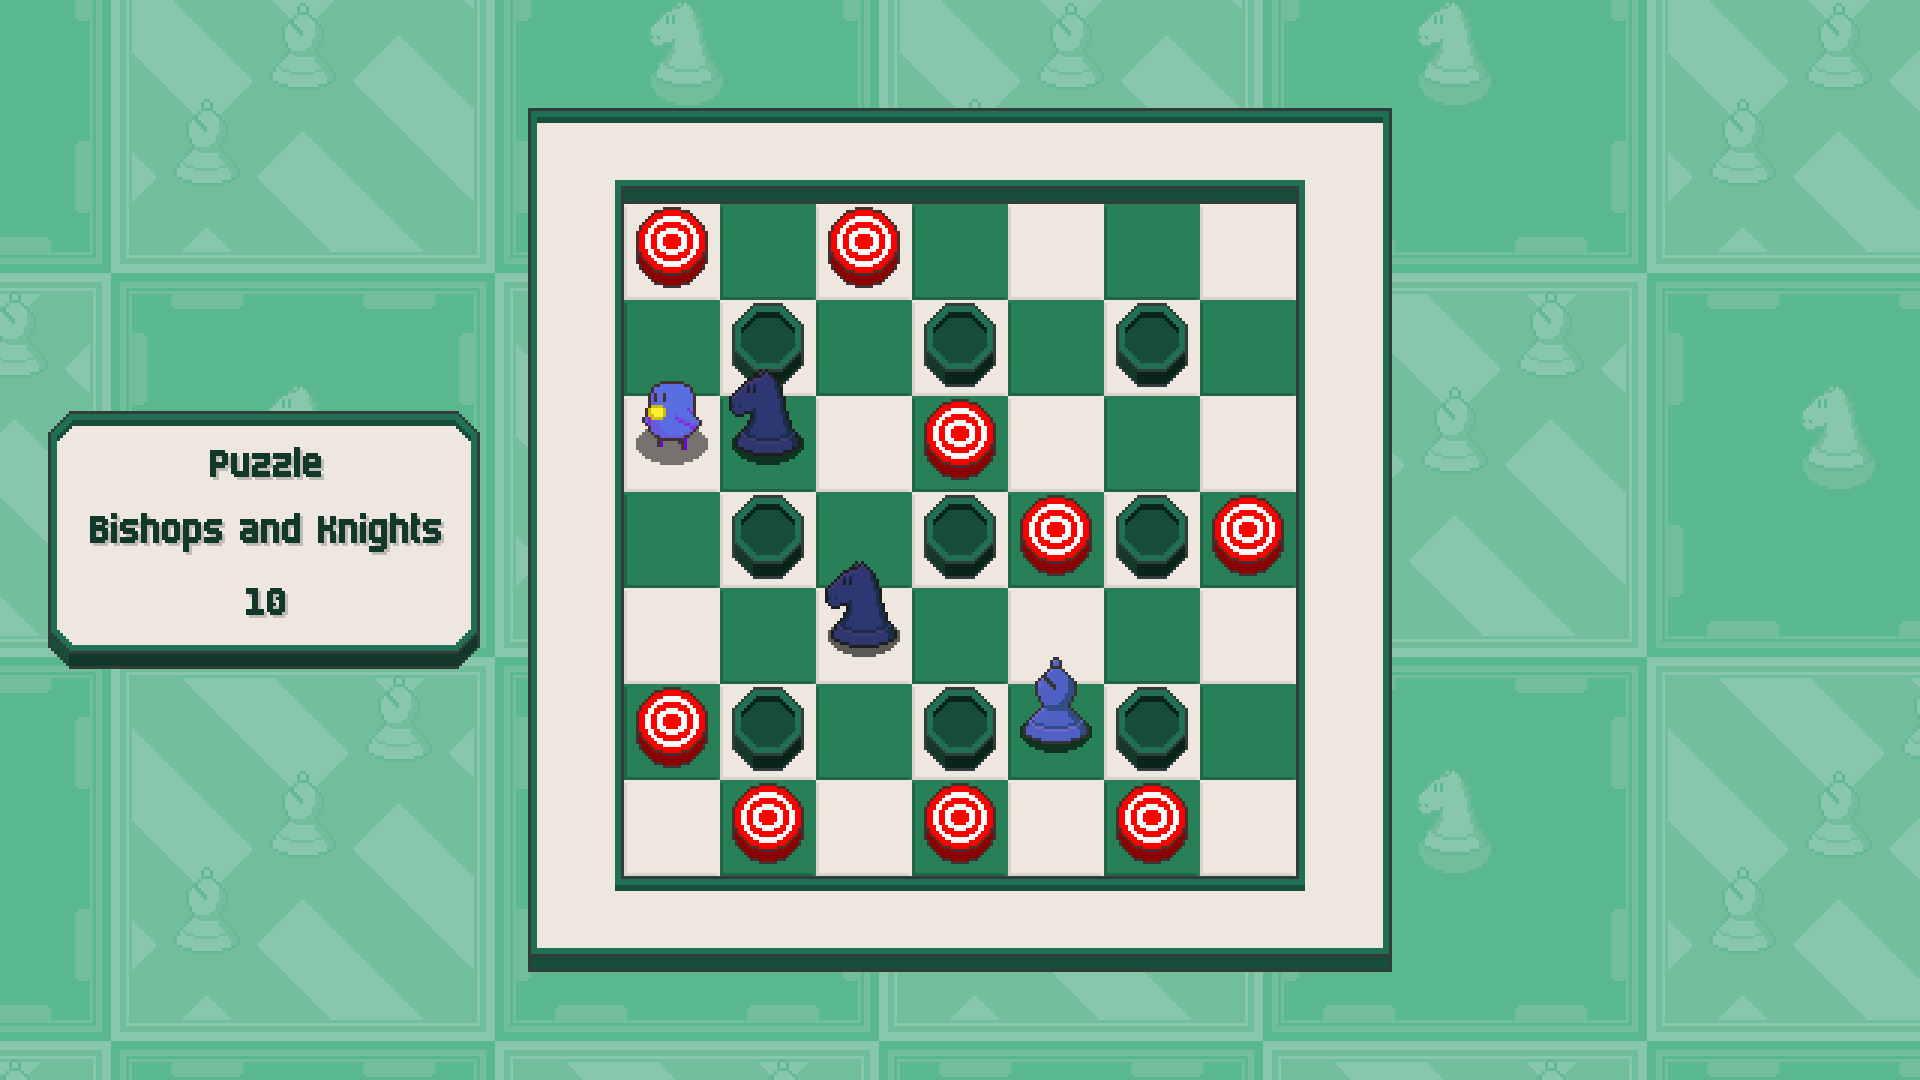 Chessplosion - Puzzle Solution Guide + Achievements Walkthrough - Grandblaster: Bishops and Knights - 0EFC043